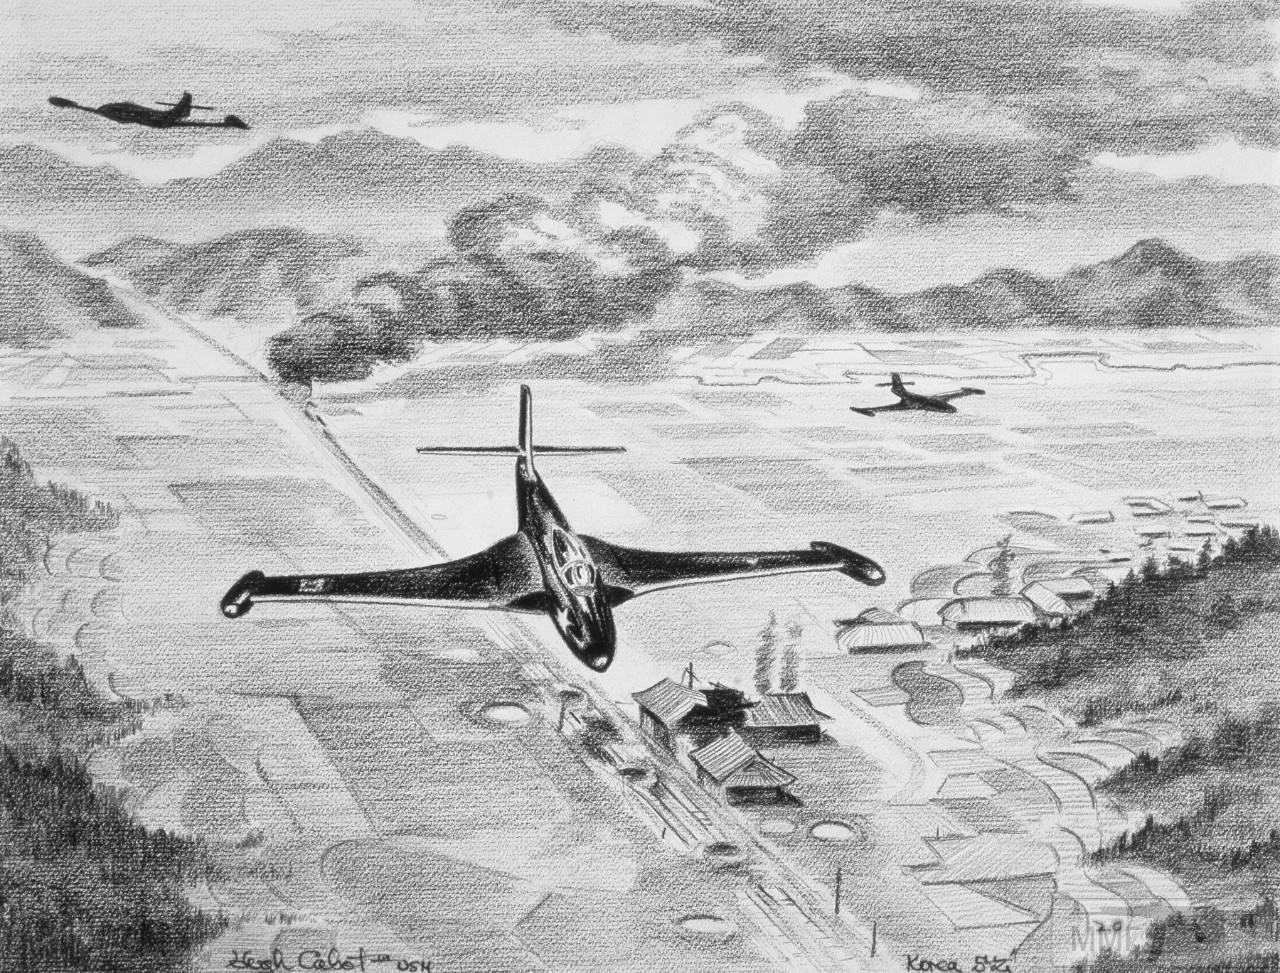 111952 - Война в Корее (25.06.1950 - 27.07.1953)